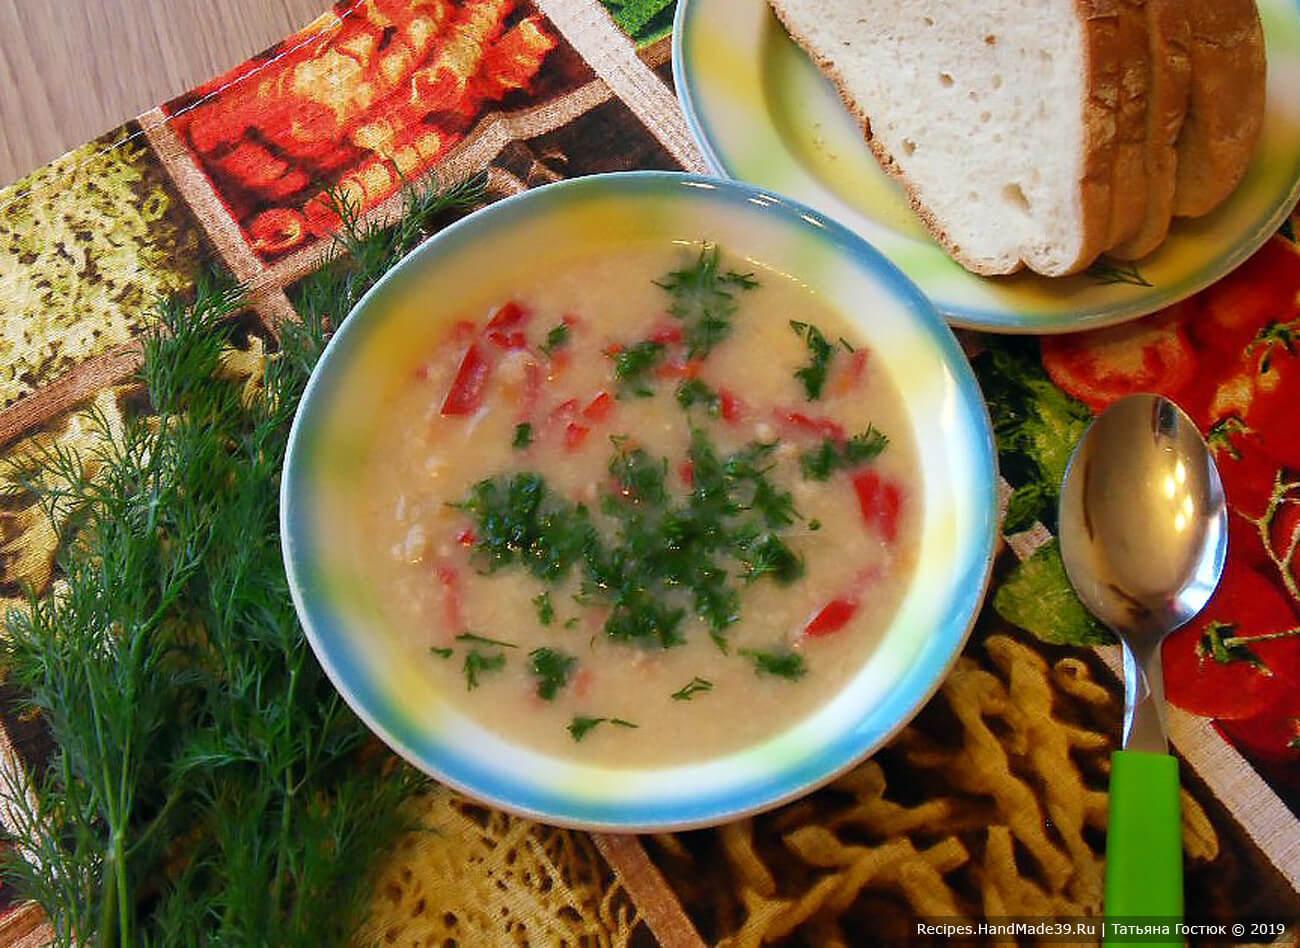 Суп «Затируха» на курином бульоне – пошаговый кулинарный рецепт с фото